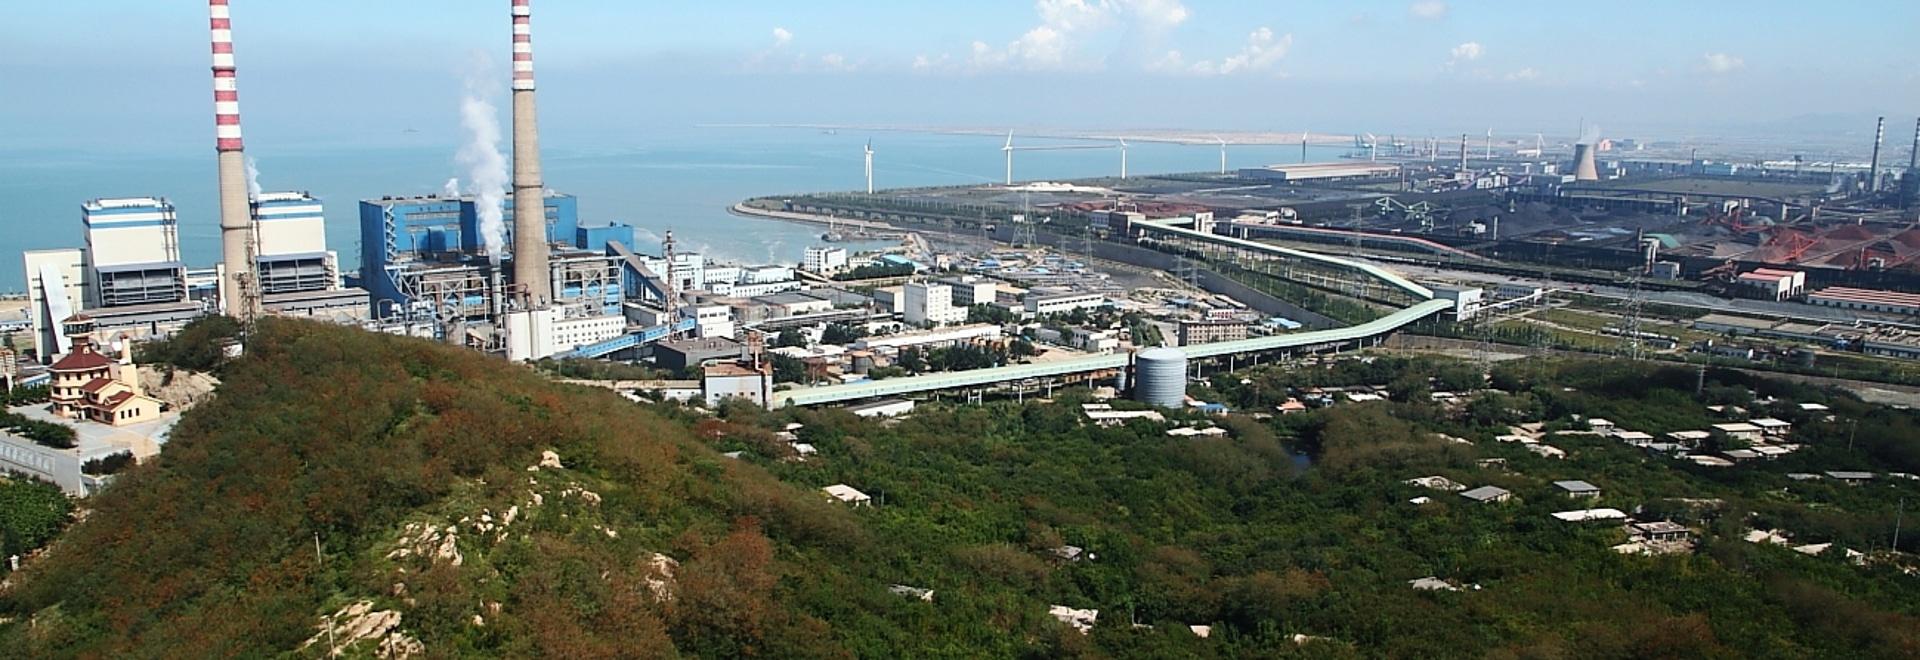 Le système de refroidissement fermé d'eau en circulation dans la seconde étape de la centrale de Huaneng Jinggangshan